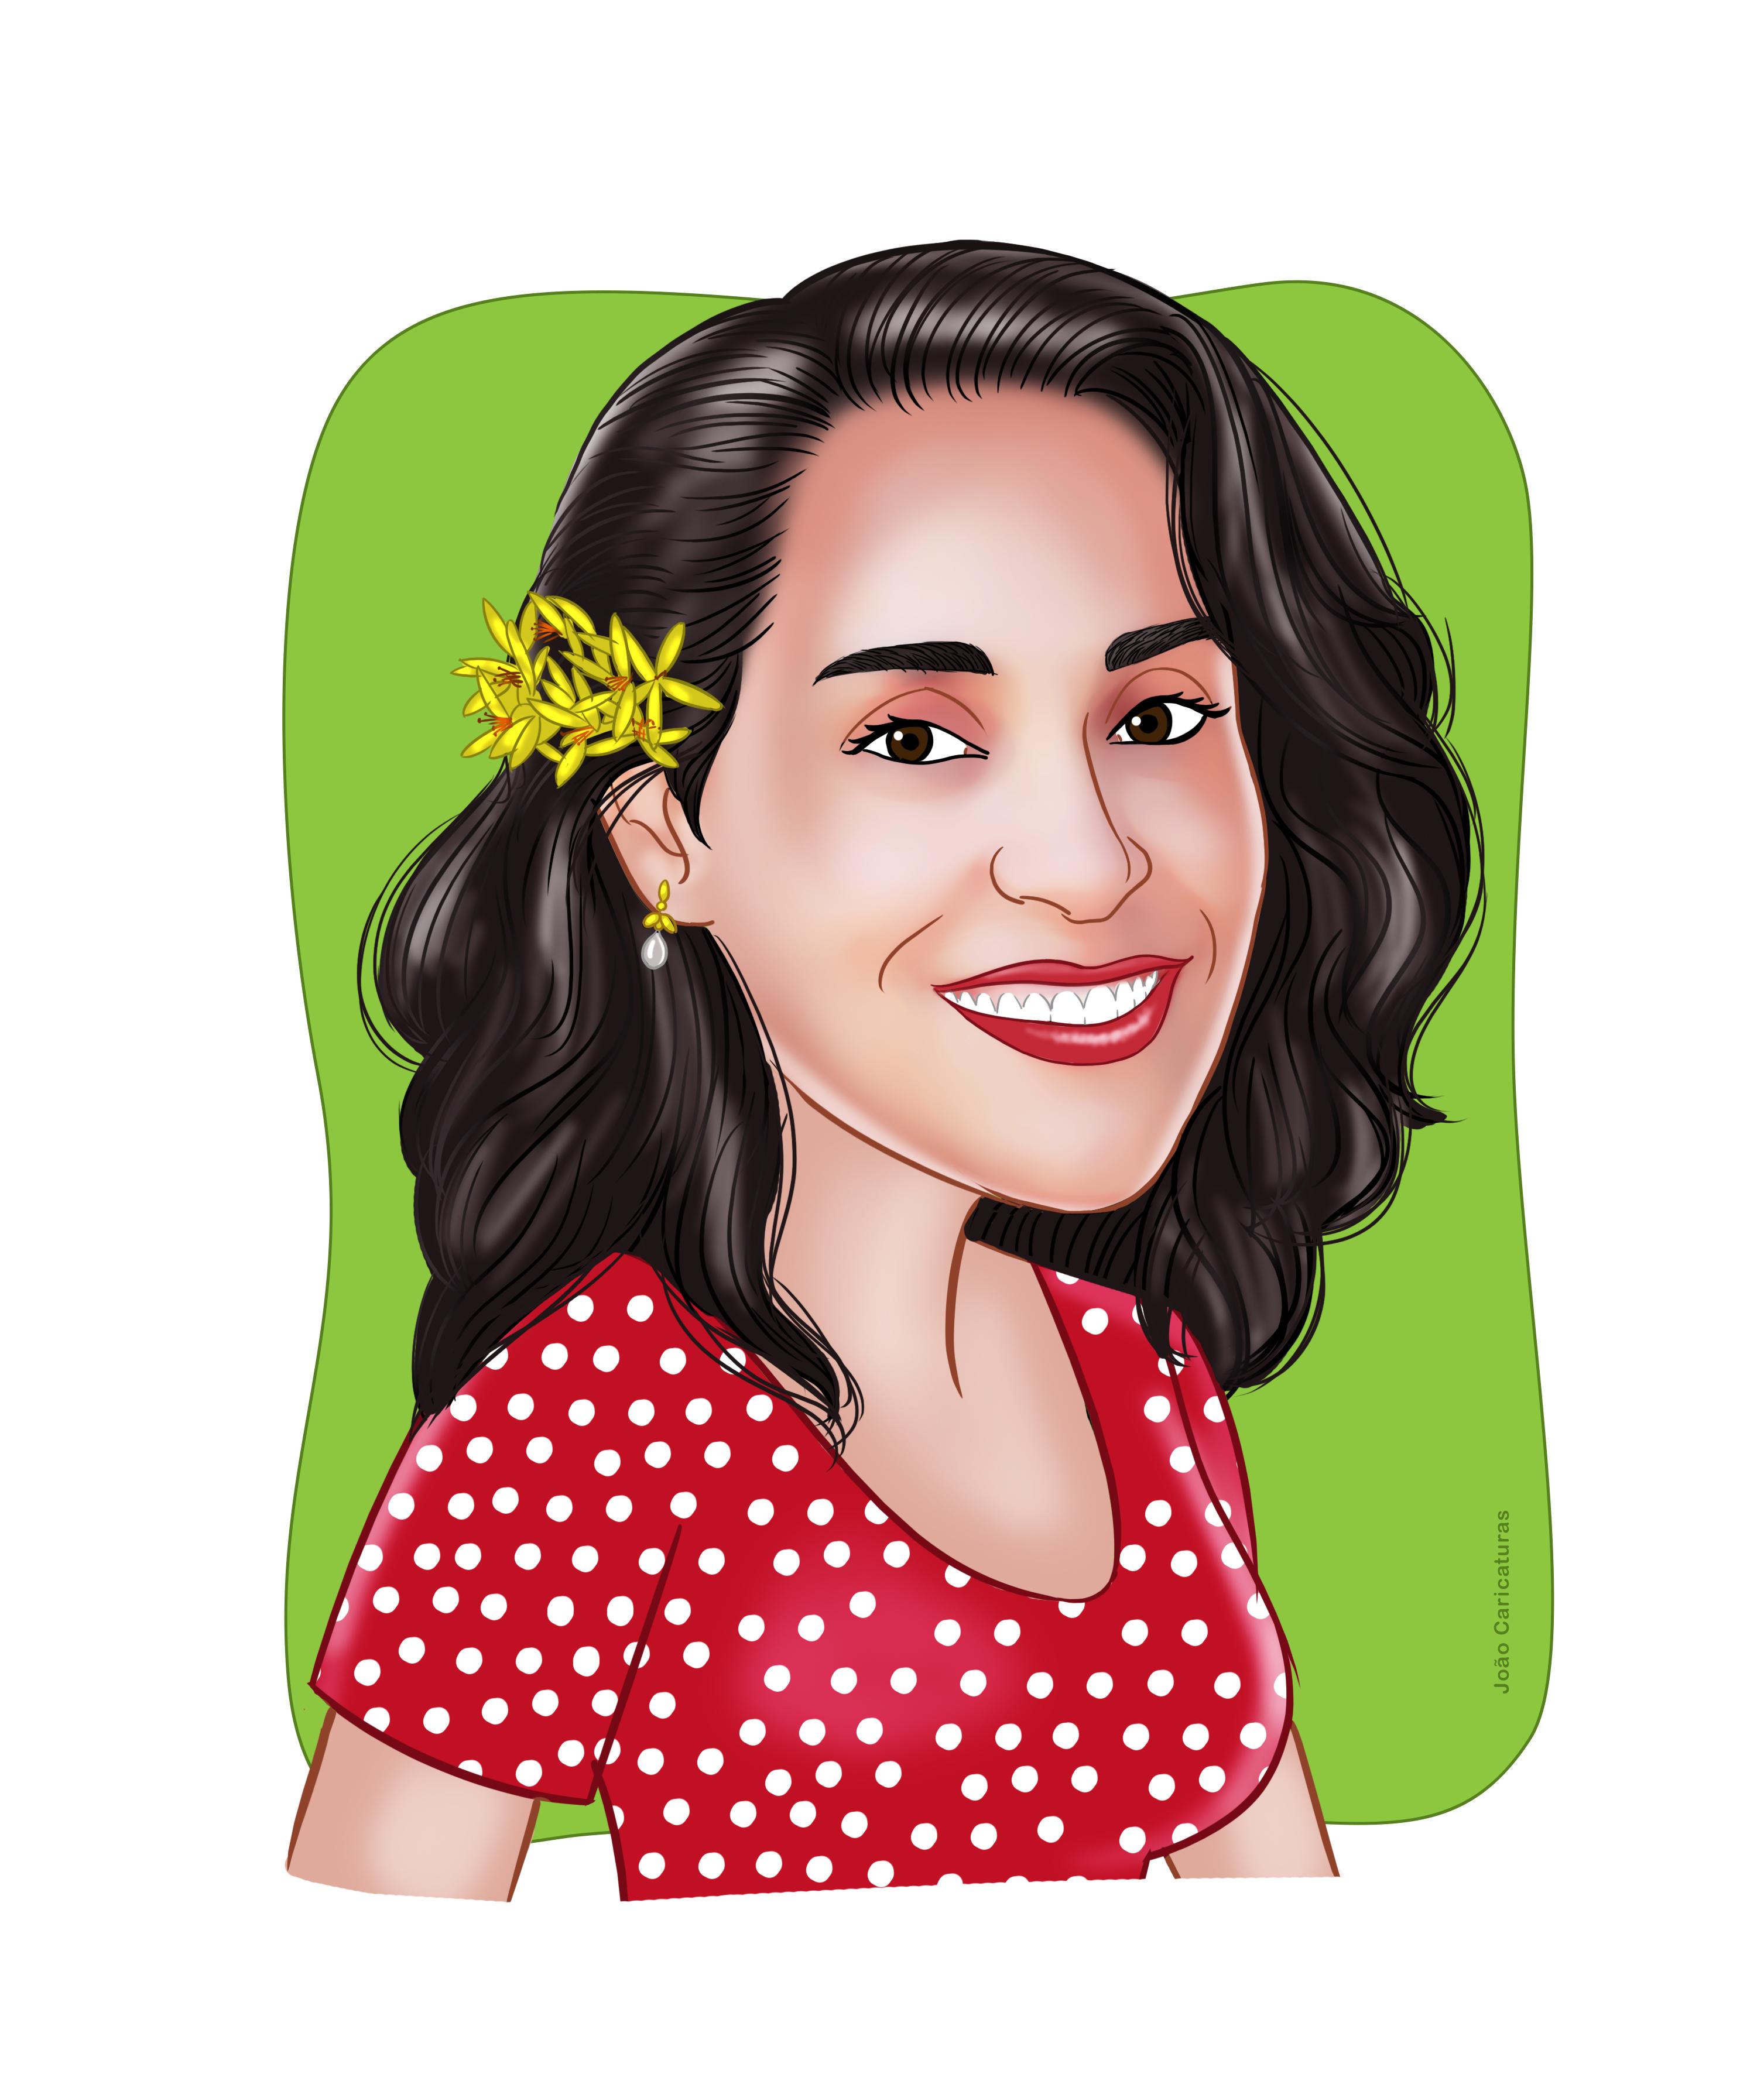 Linda Caricatura Colorid De Rosto Mulher Flor Cabel Delicado No